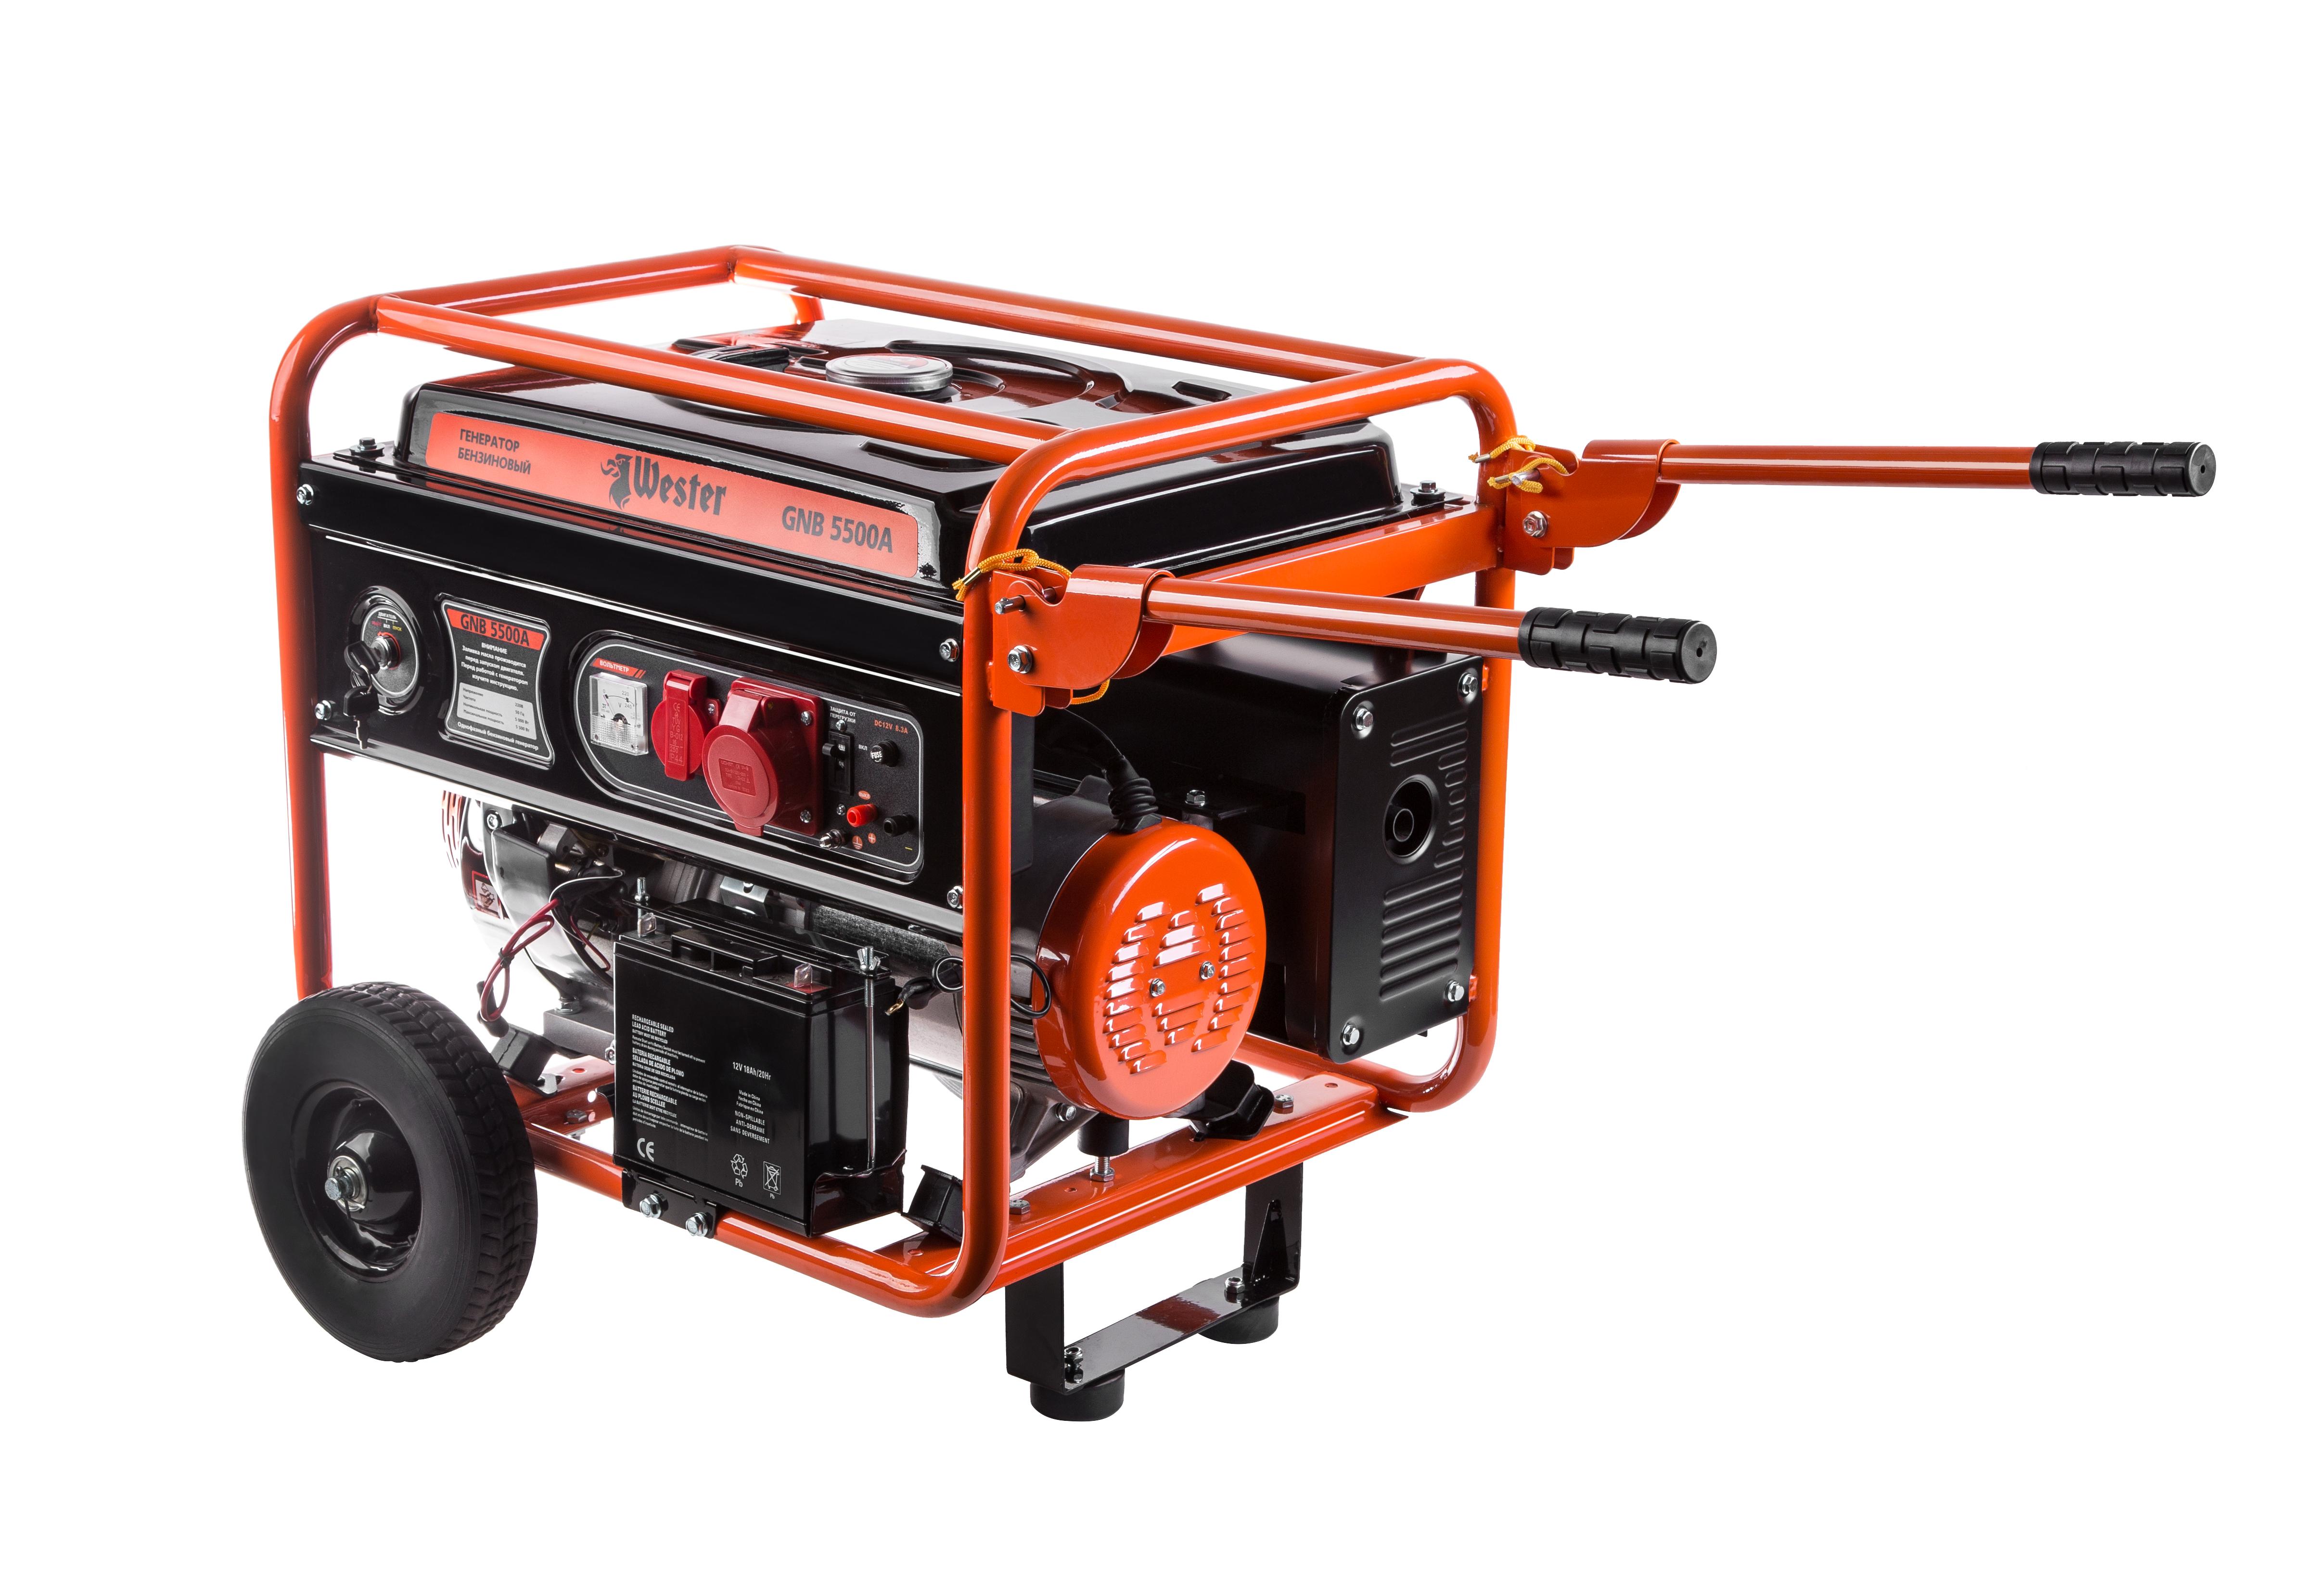 Бензиновый генератор Wester Gnb5500a opp1820